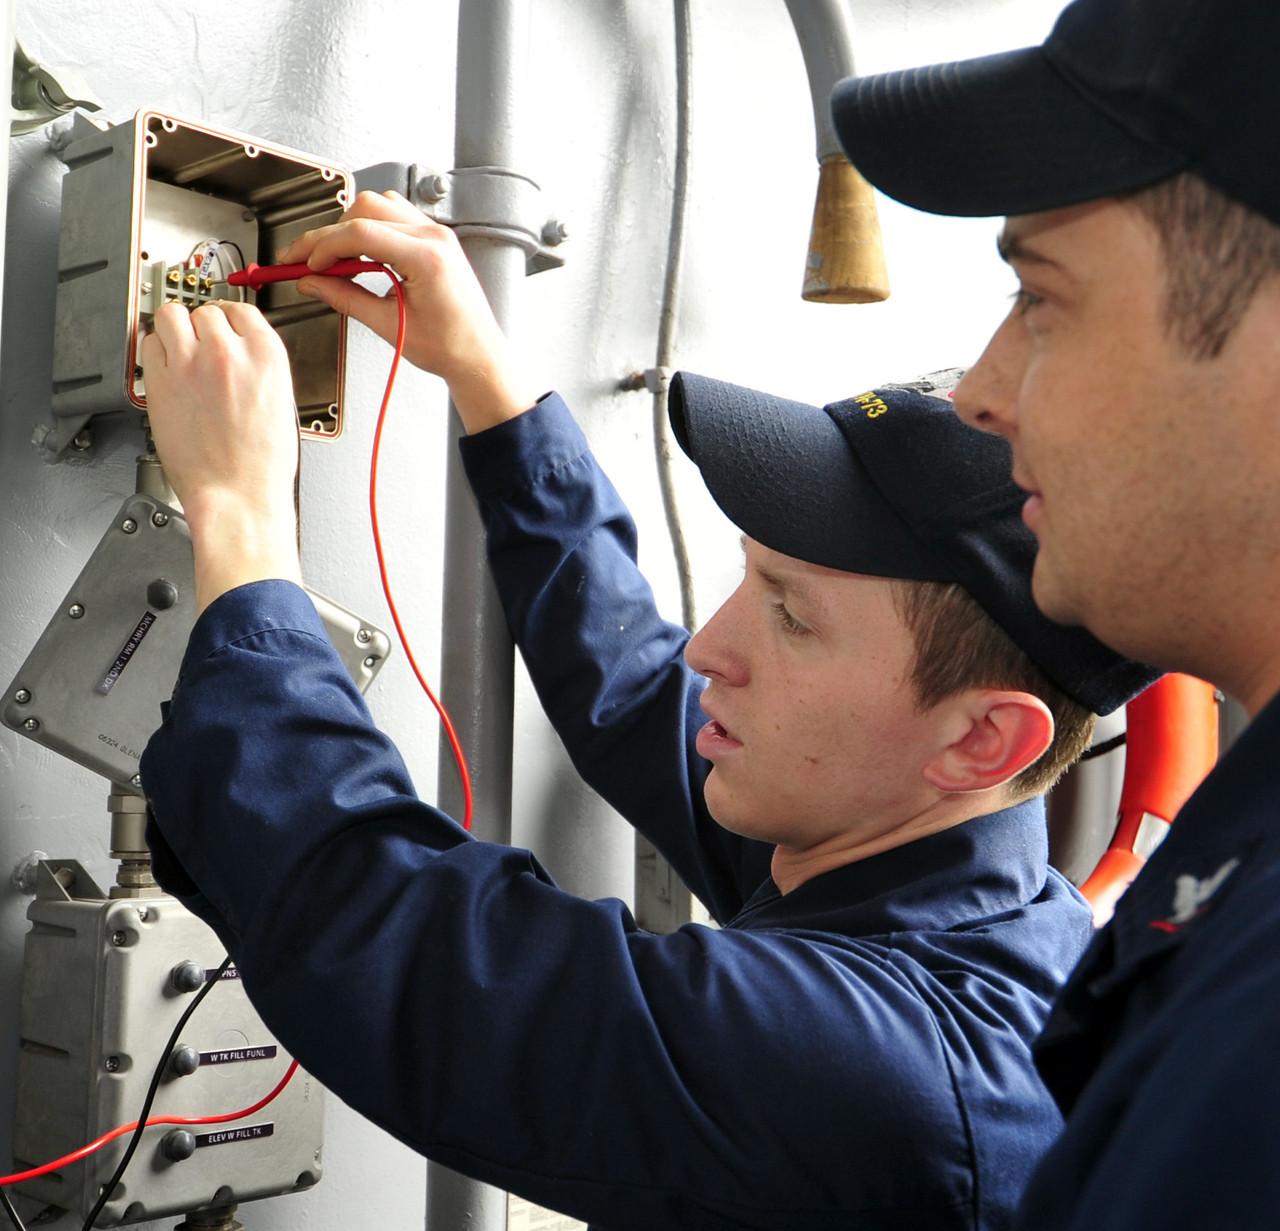 Монтаж та технічне обслуговування електроустановок та електричних мереж